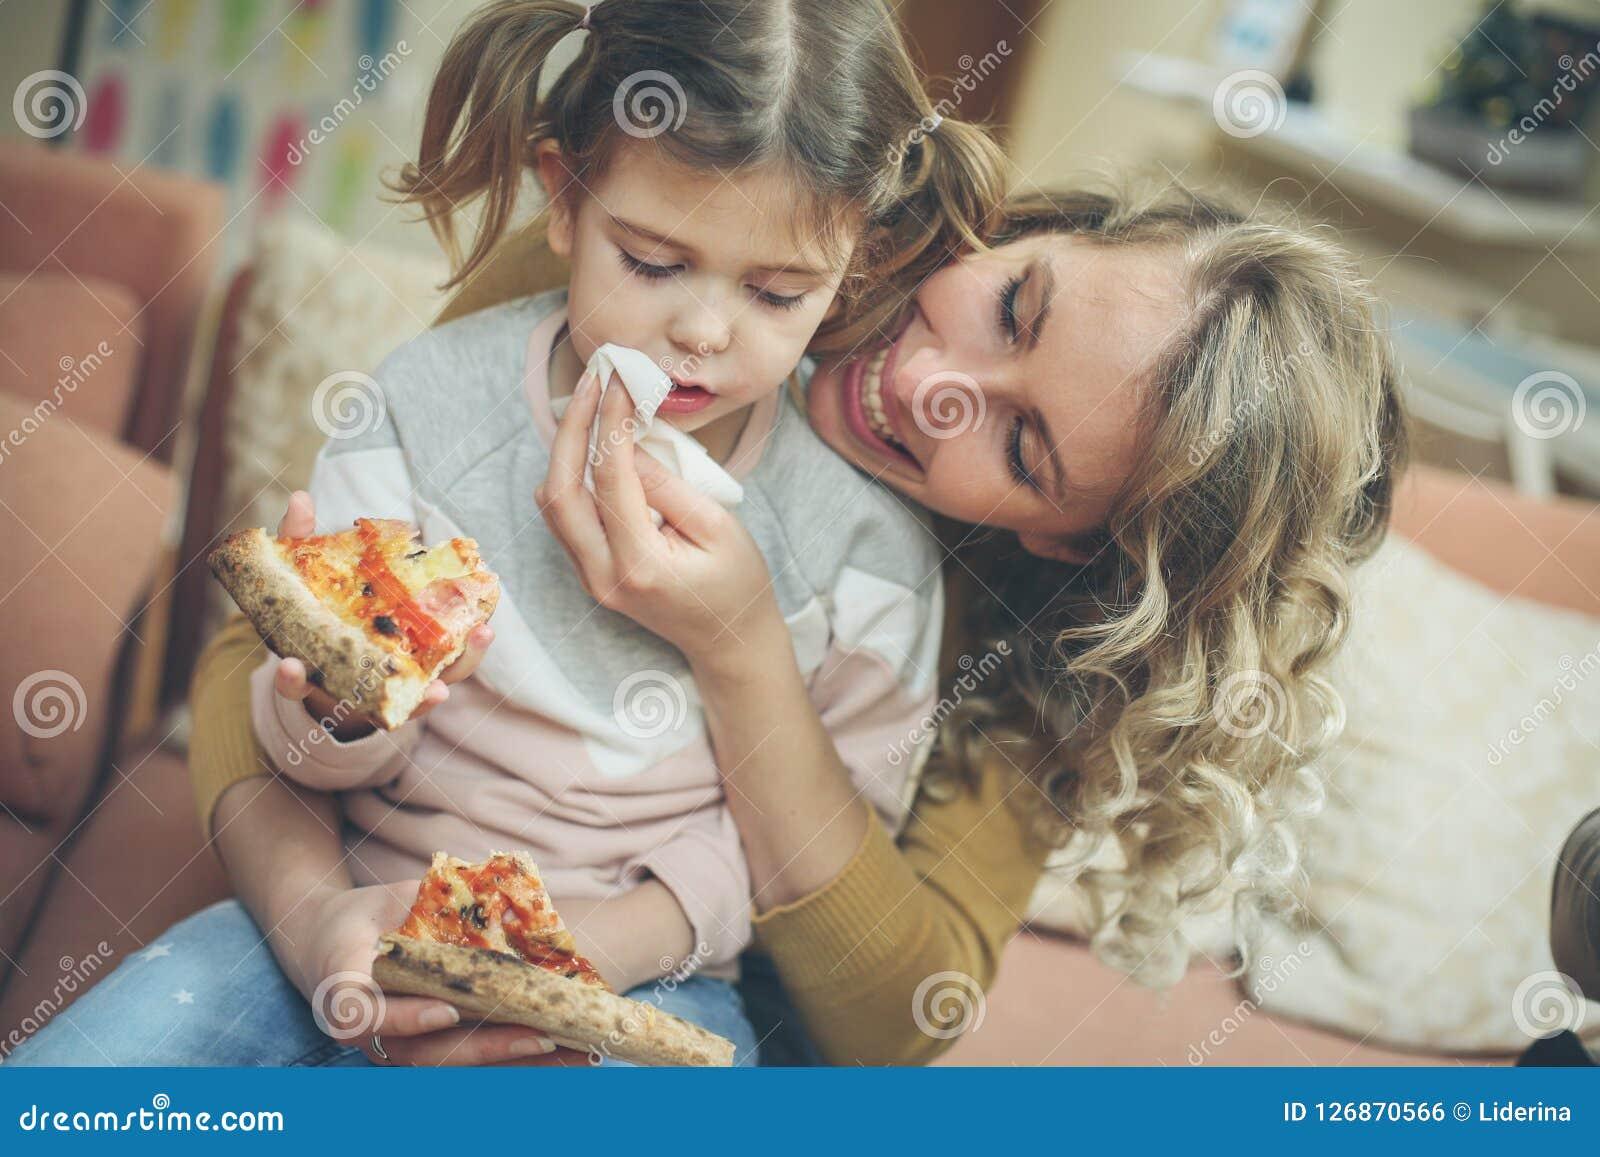 De mama u bereidt ooit de beste pizza voor